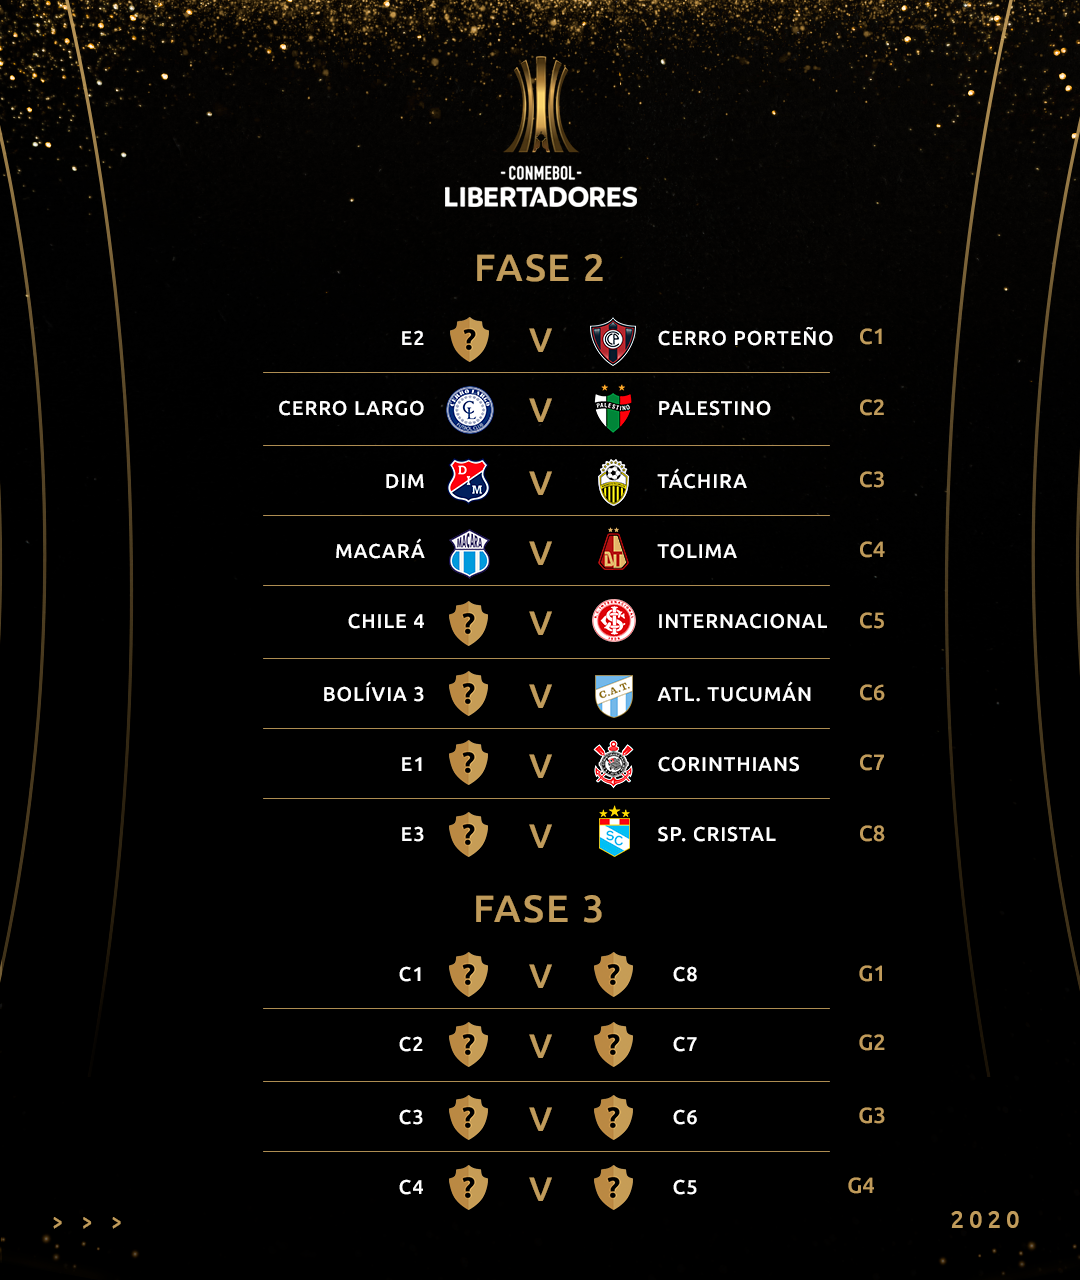 Fase 2 e Fase 3 Libertadores 2020